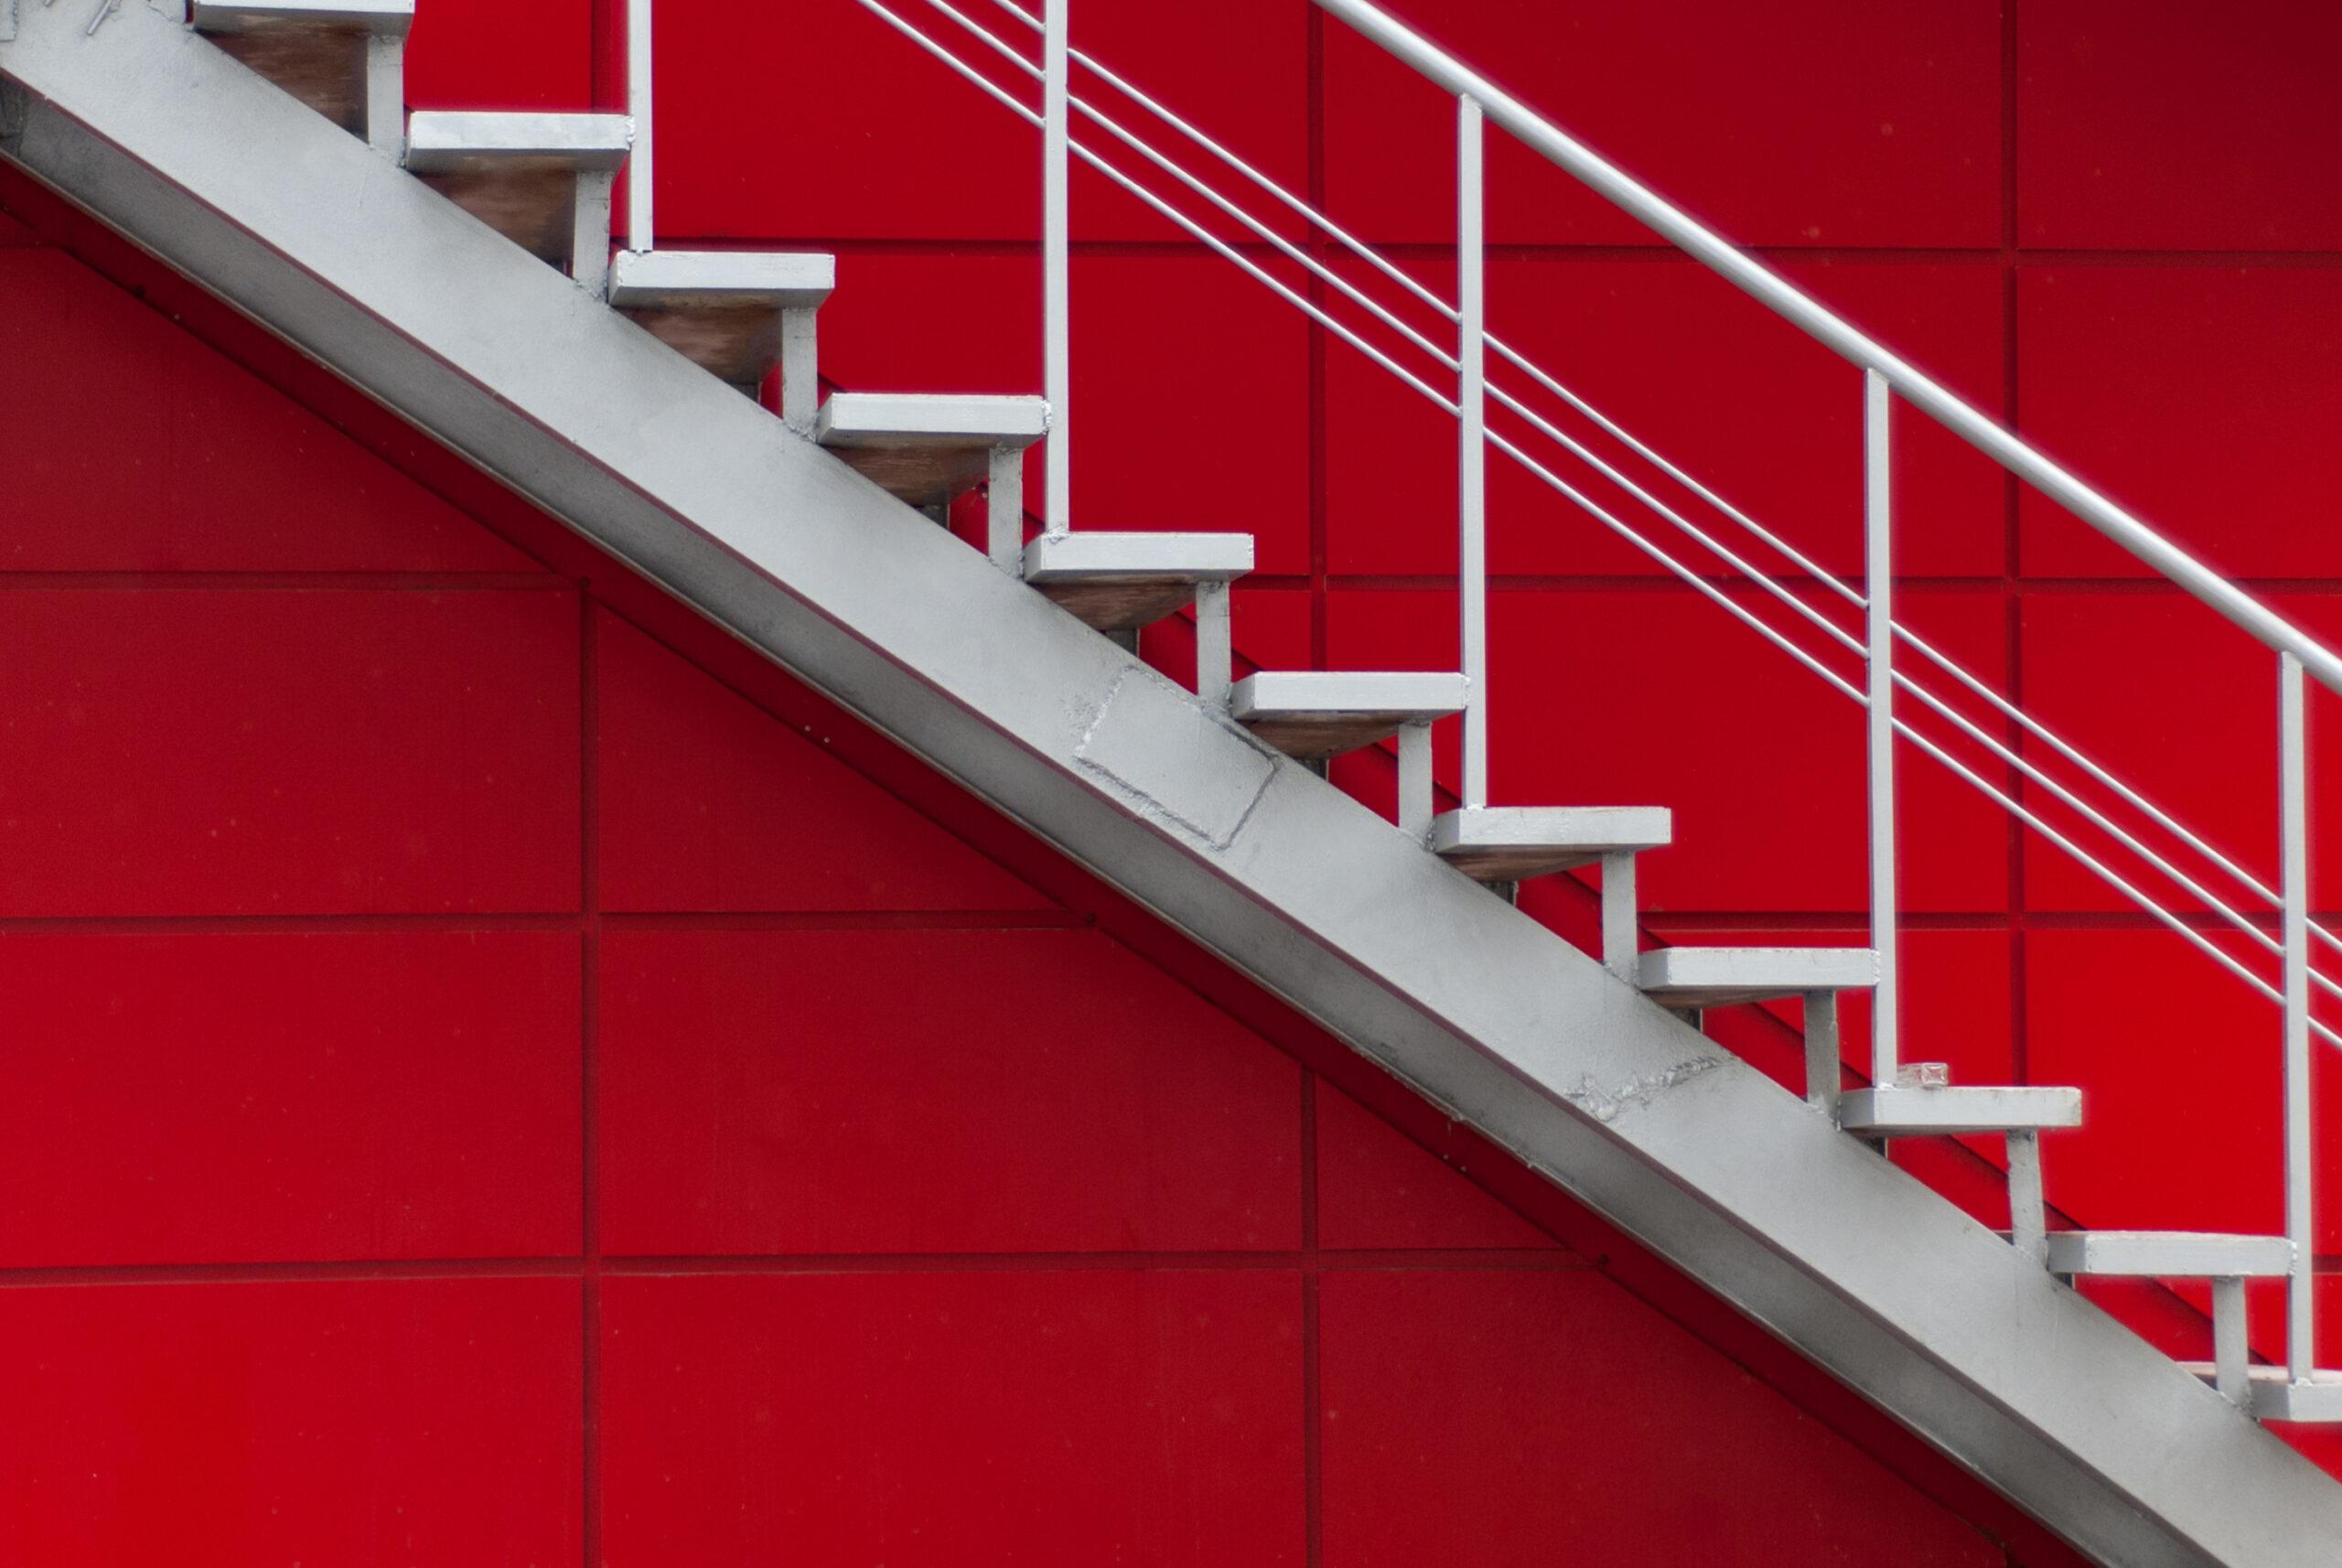 □ 階段が前よりしんどい